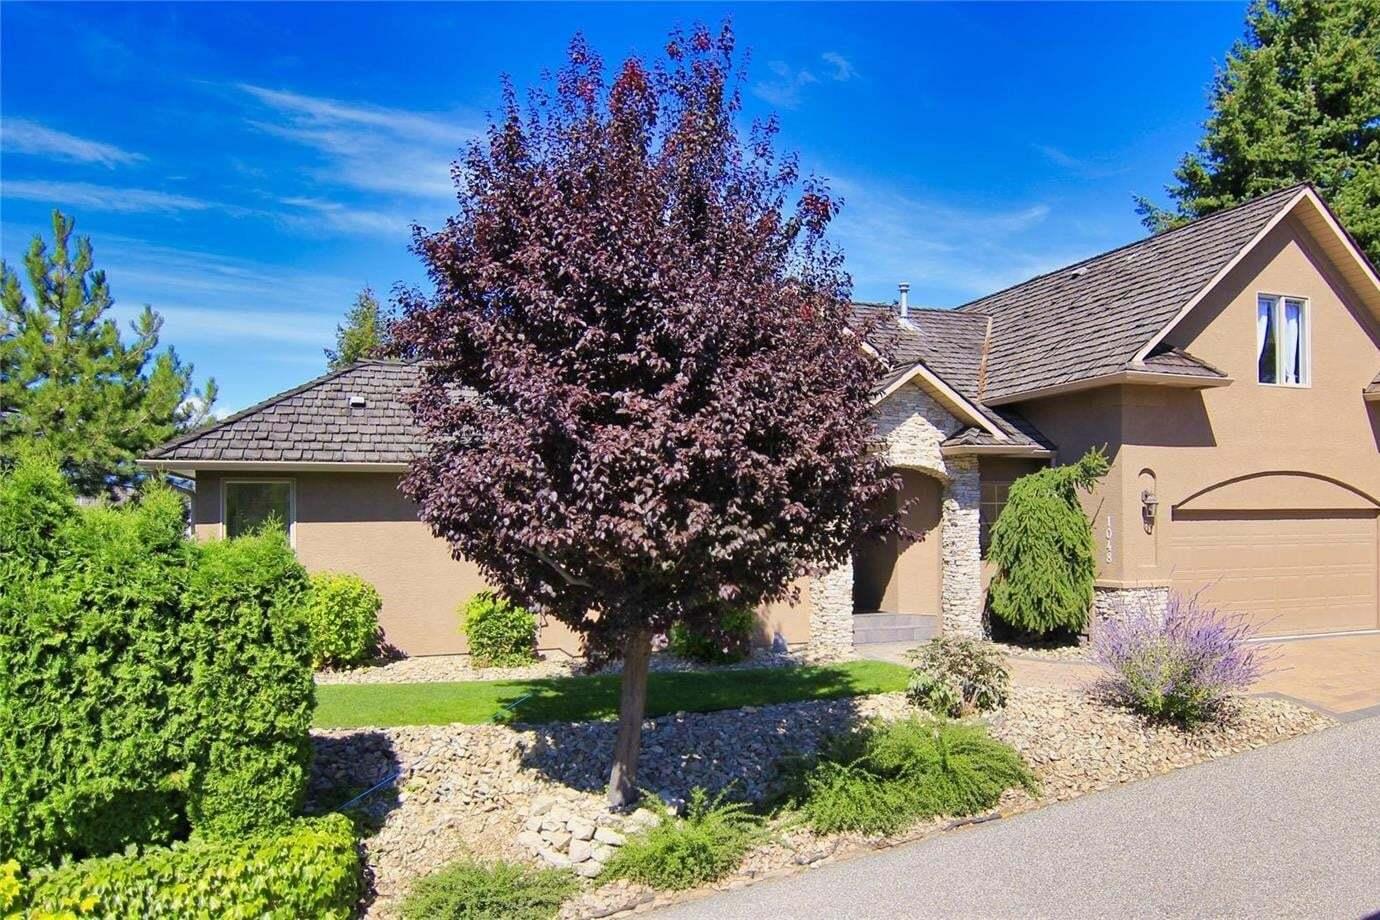 House for sale at 1048 Skeena Dr Kelowna British Columbia - MLS: 10214156